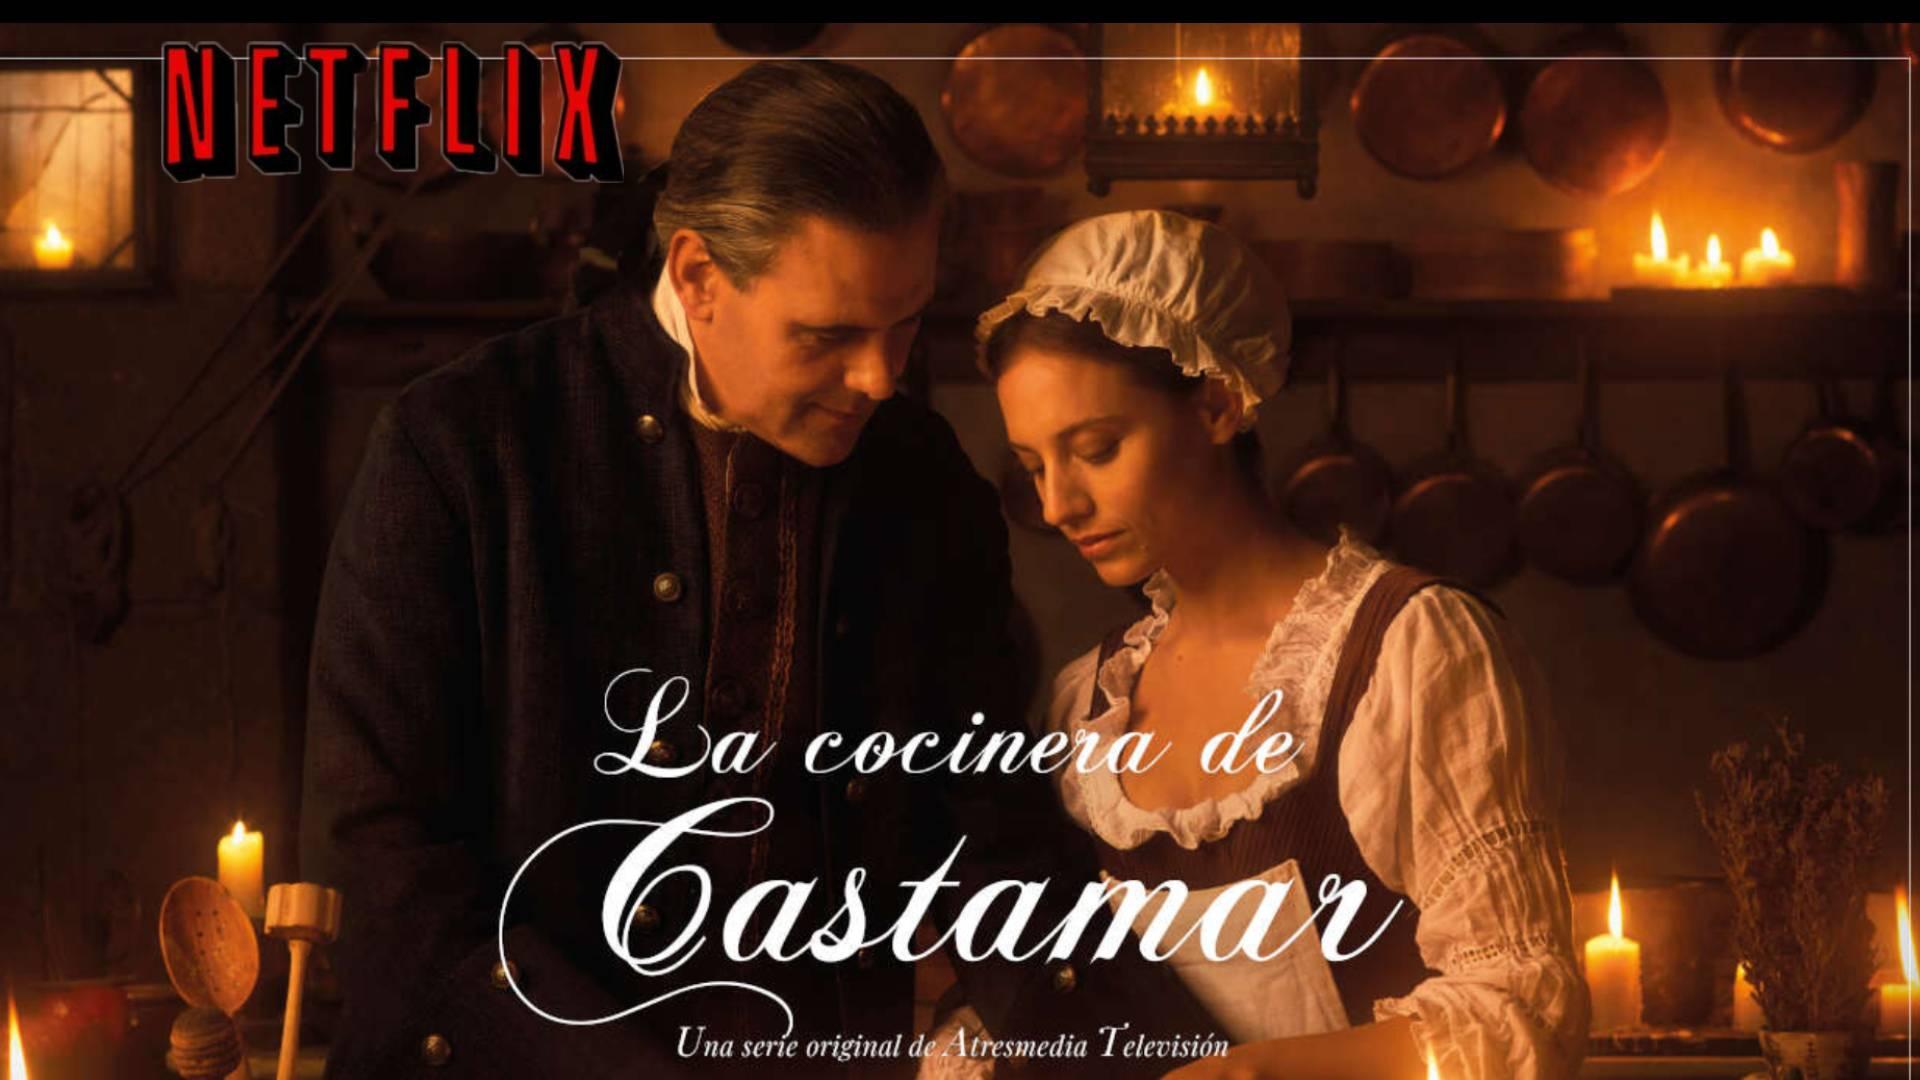 La cocinera de Castamar serie de época española